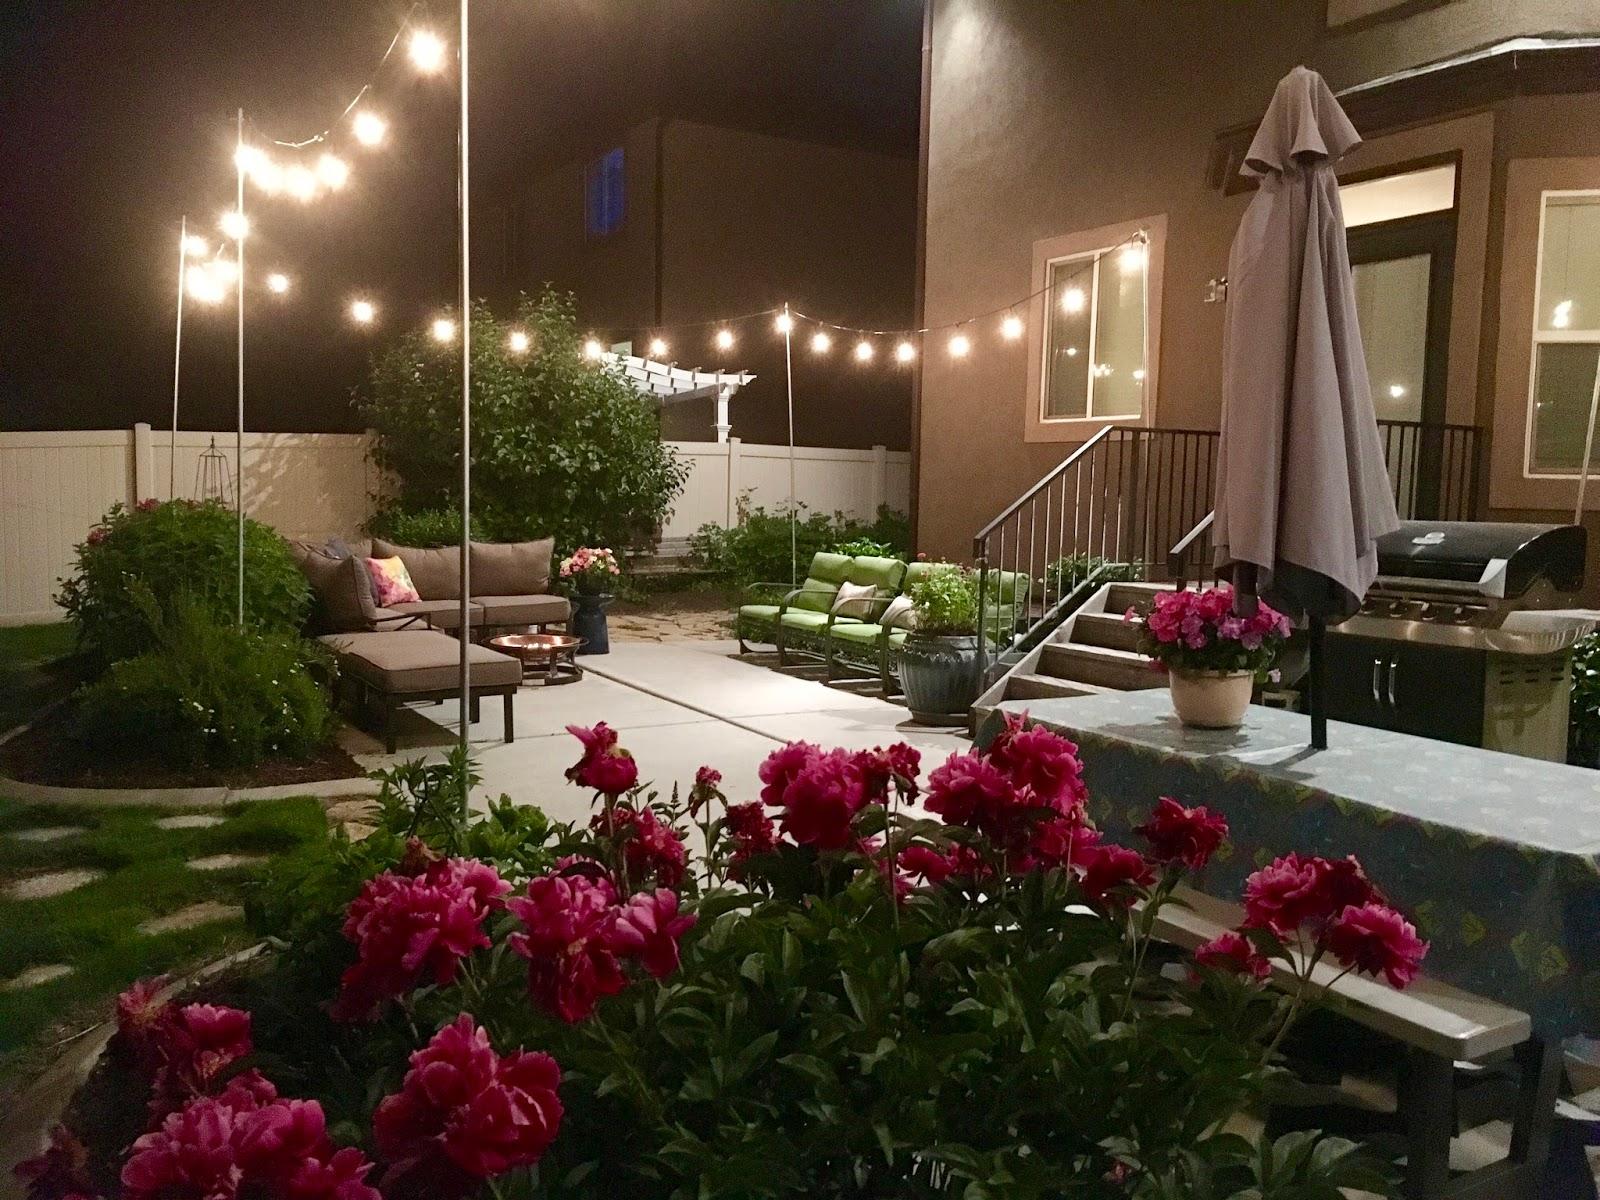 restlessrisa outdoor yard lights for under 150